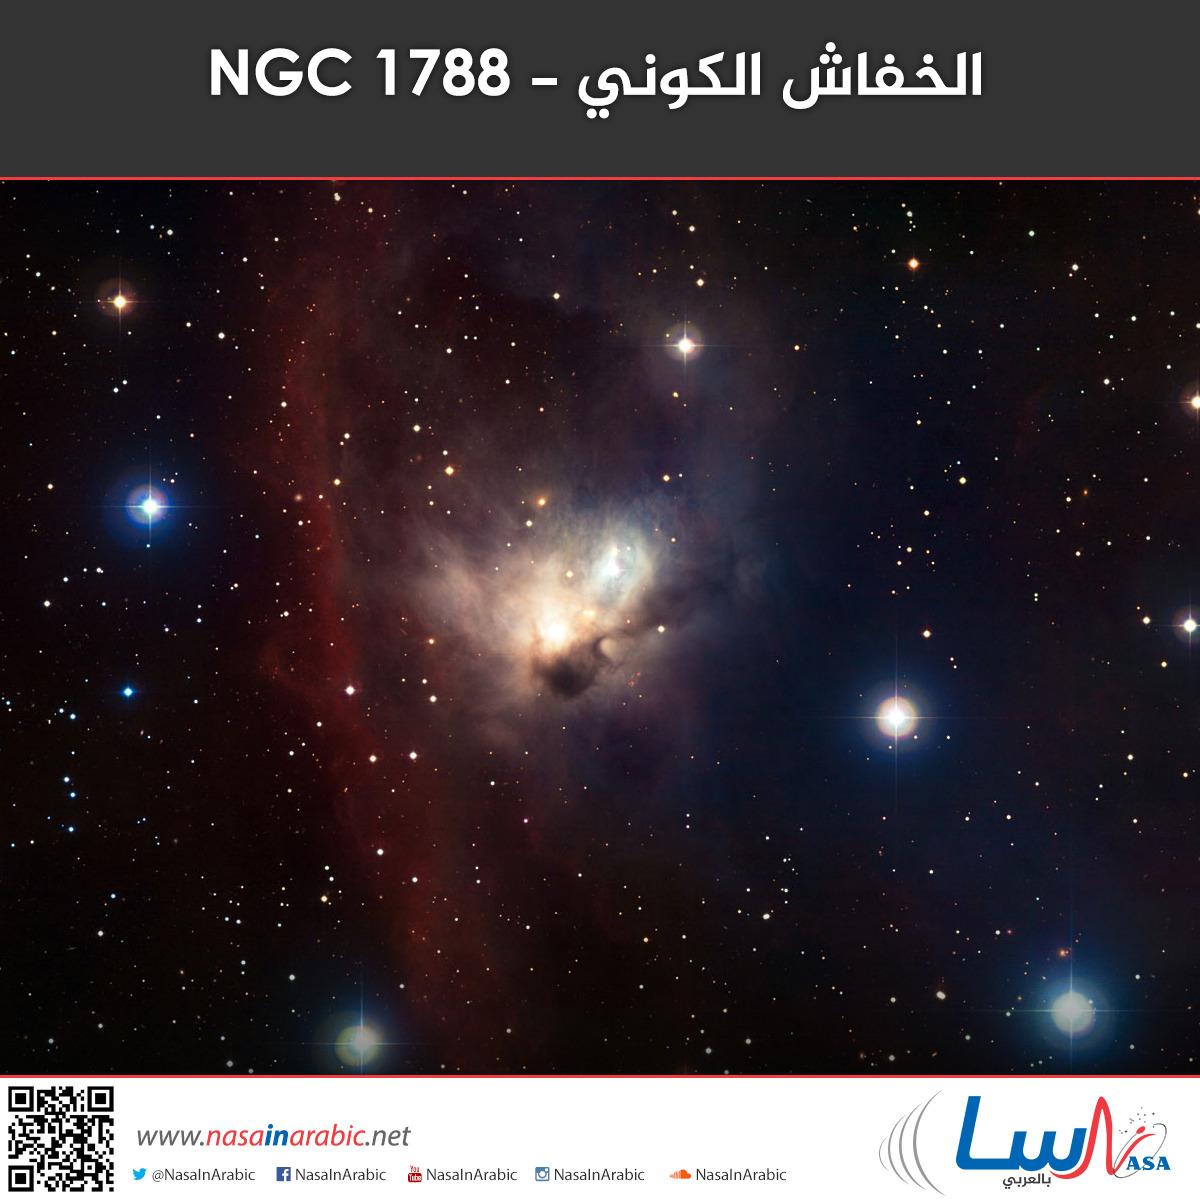 الخفاش الكوني - NGC 1788